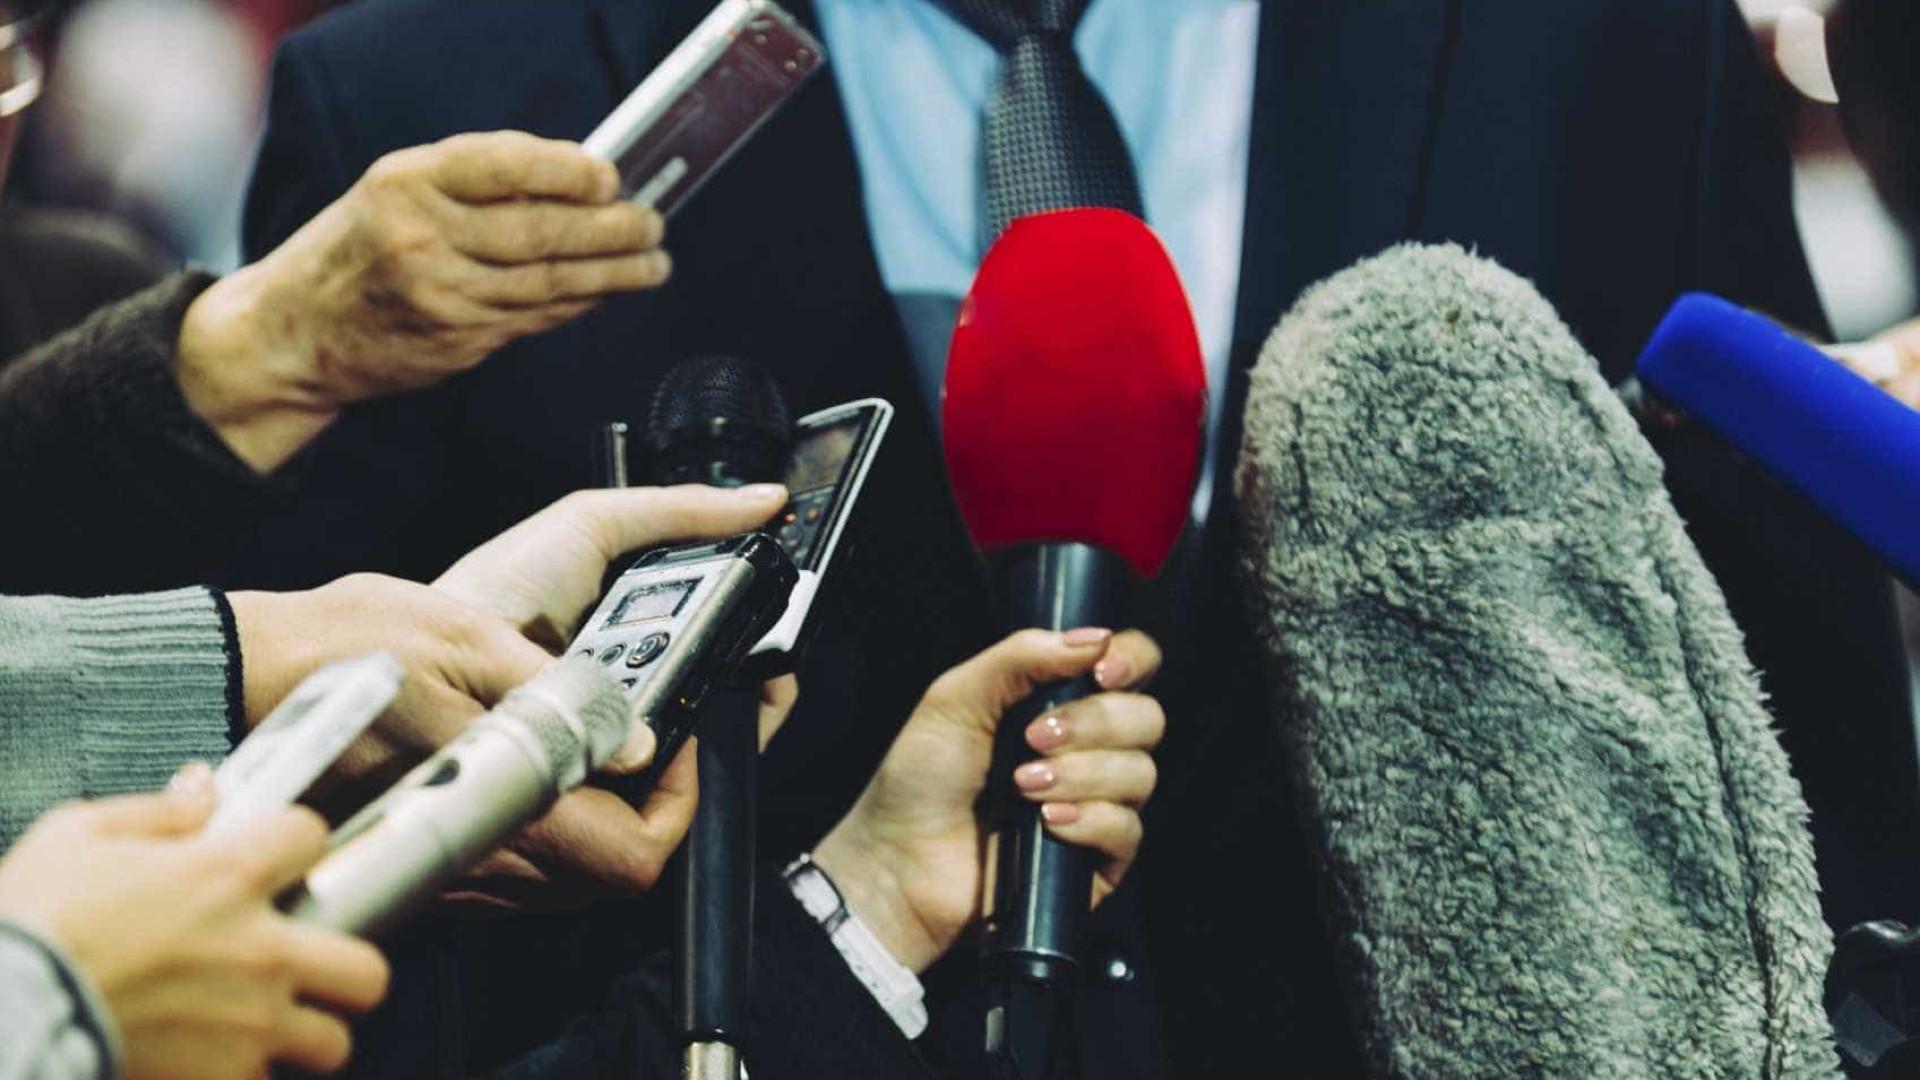 Libertados os quatro jornalistas egípcios detidos após artigo polêmico